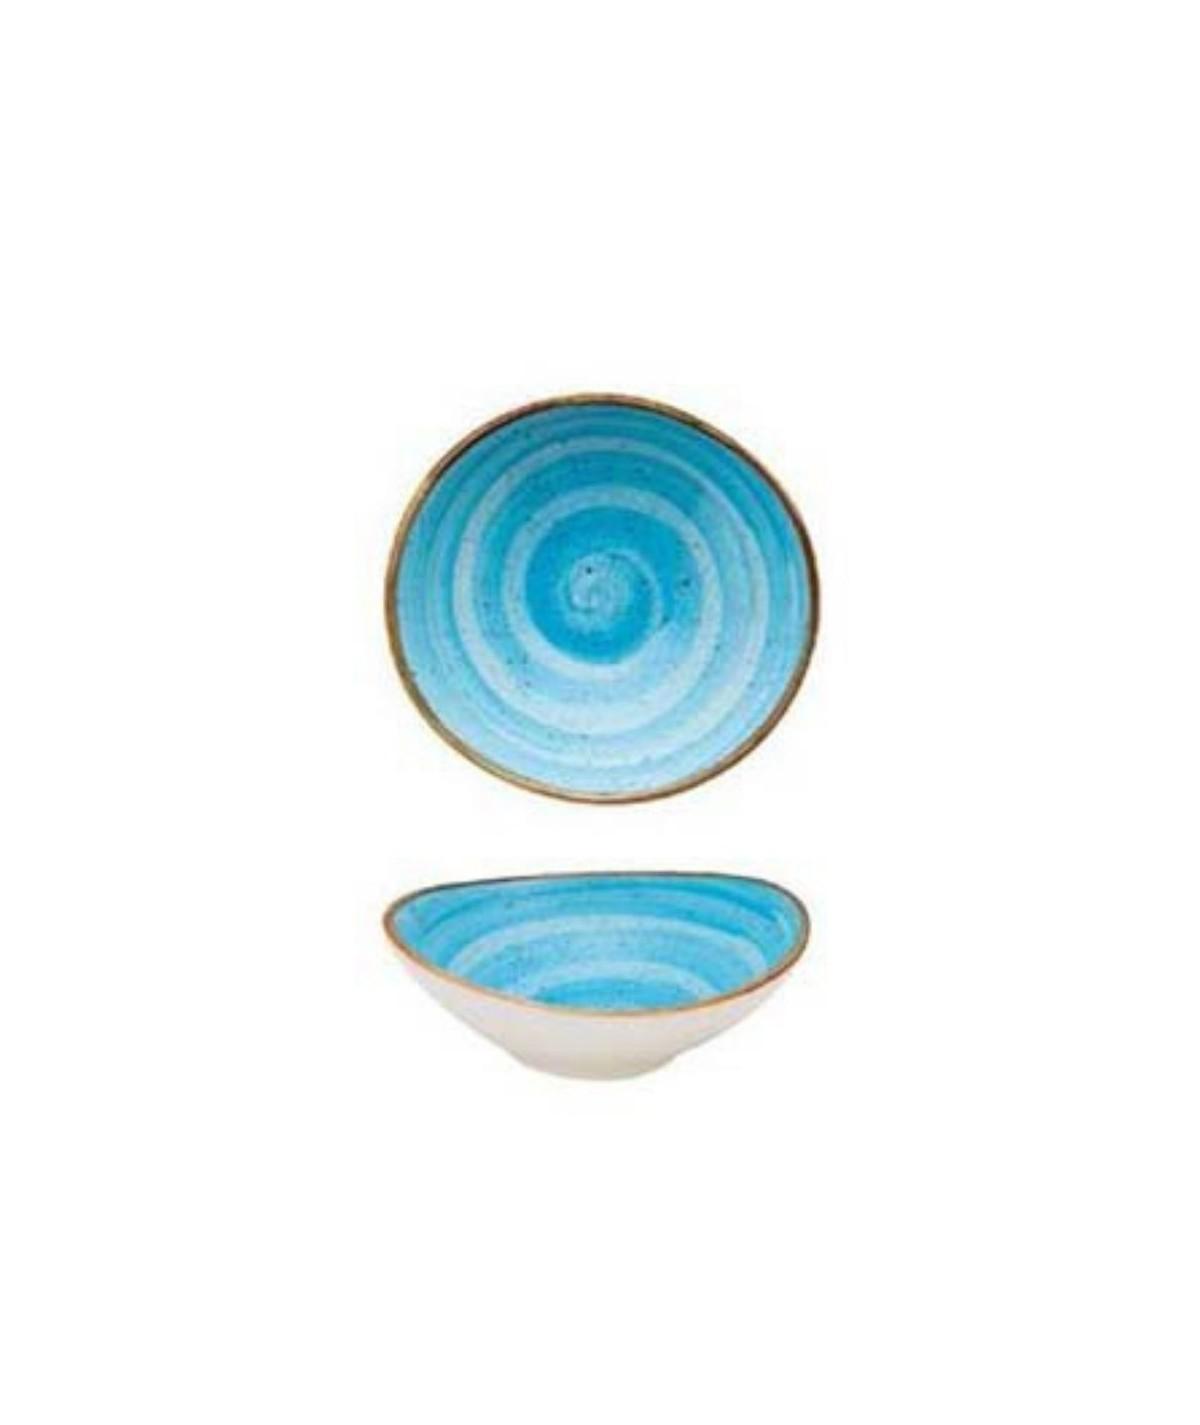 Coppetta ovale per salse o aperitivi azzurra set da 6 pezzi -